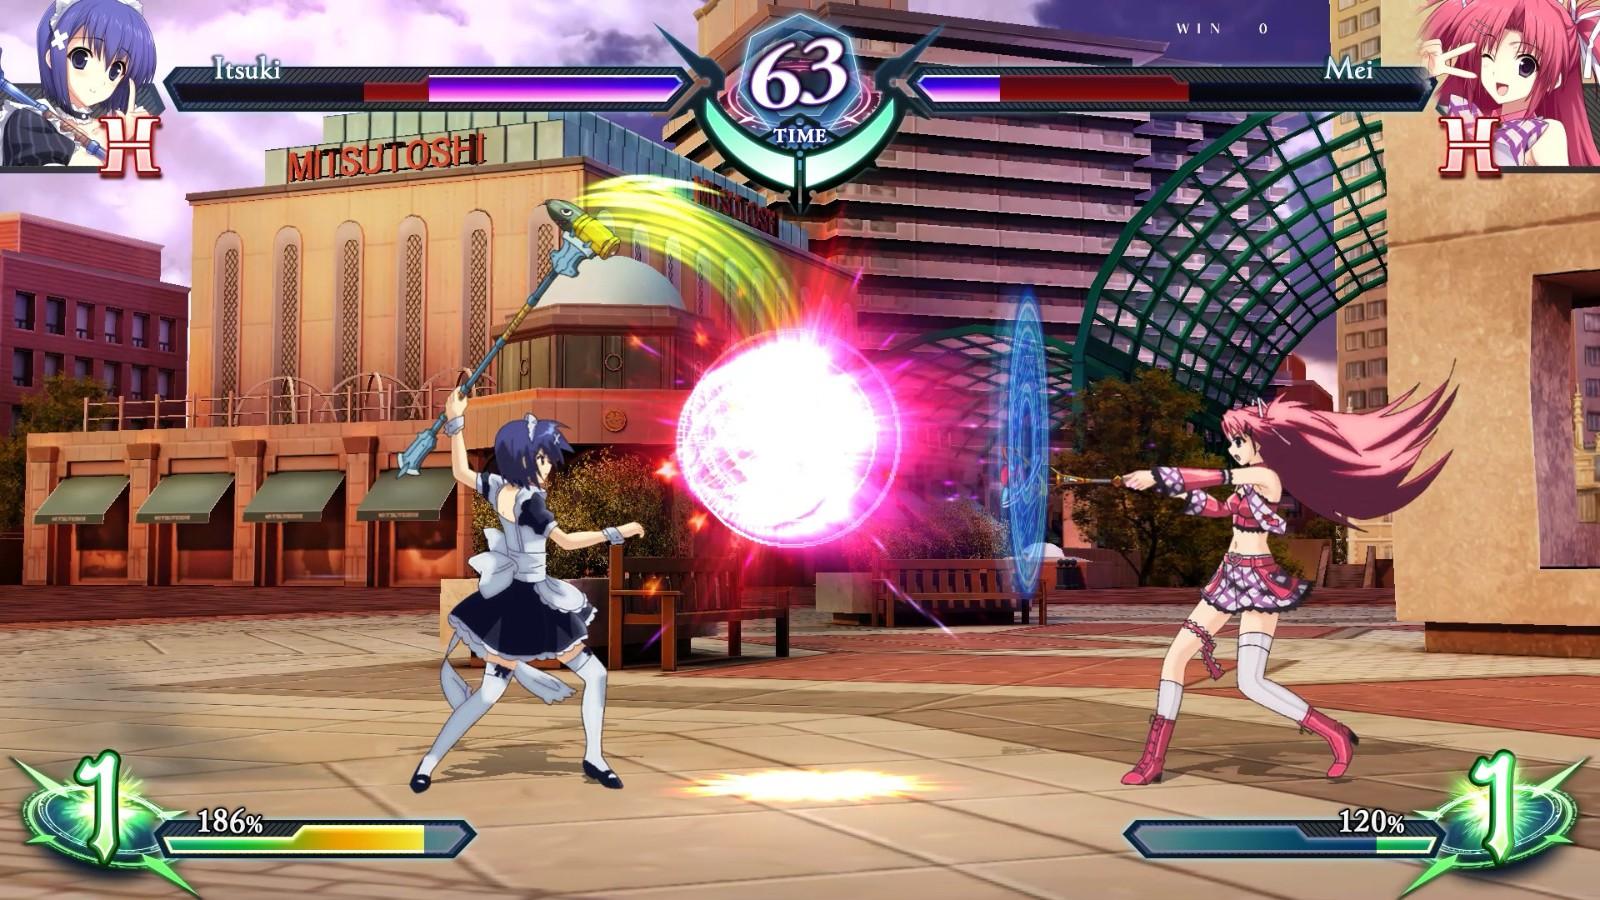 格斗游戏《幻象破坏者Omnia》新预告 美少女对战